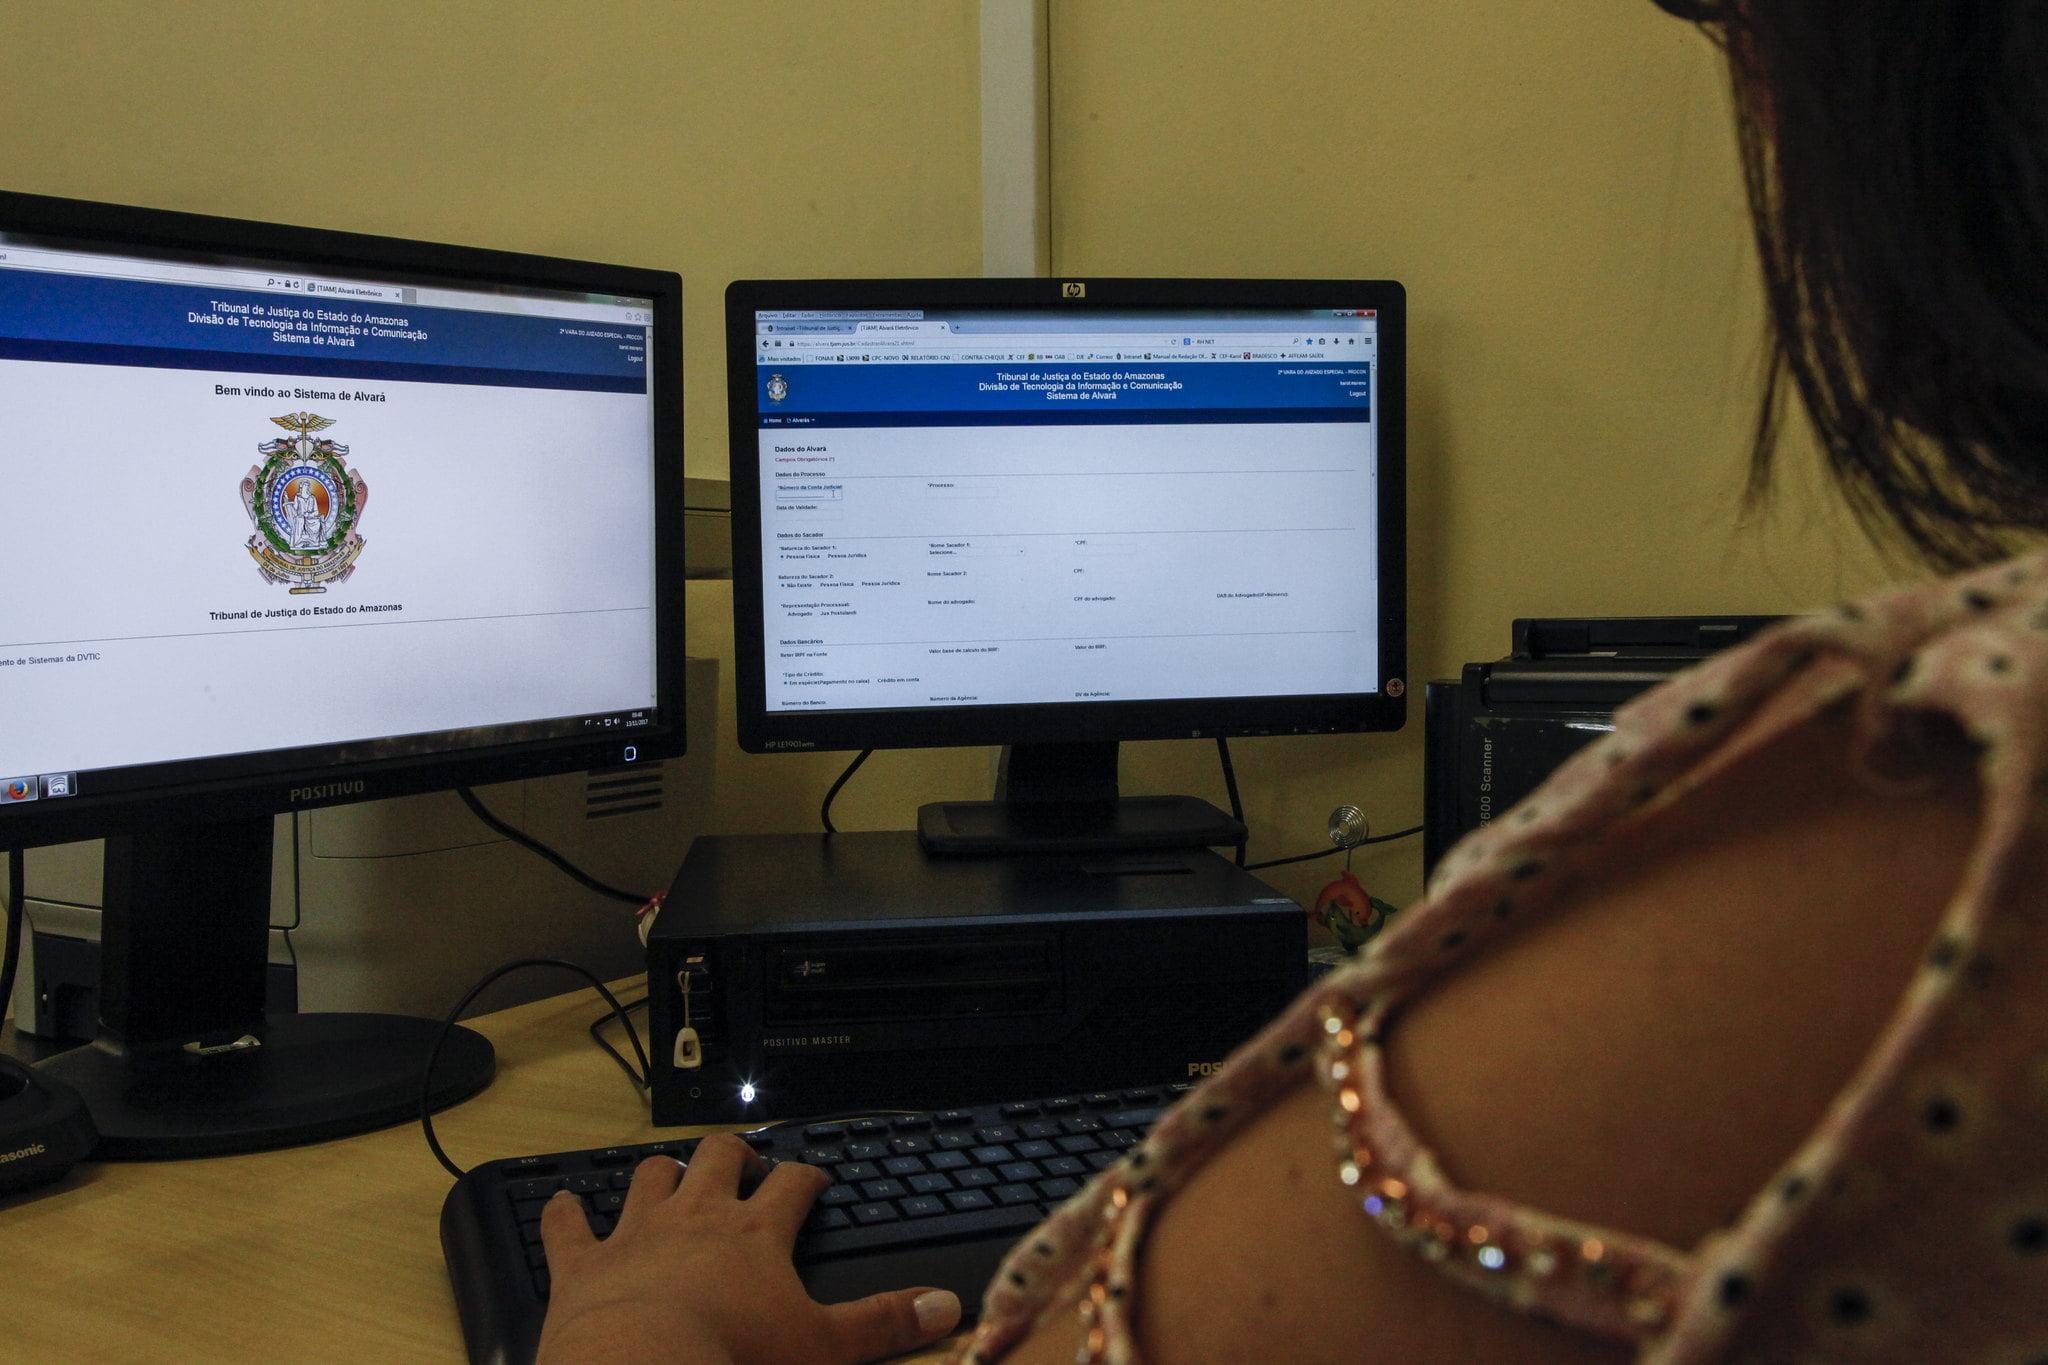 Utilização do Alvará Eletrônico cresce mais de 120% em 2020 e está presente em 117 unidades judiciárias do TJAM